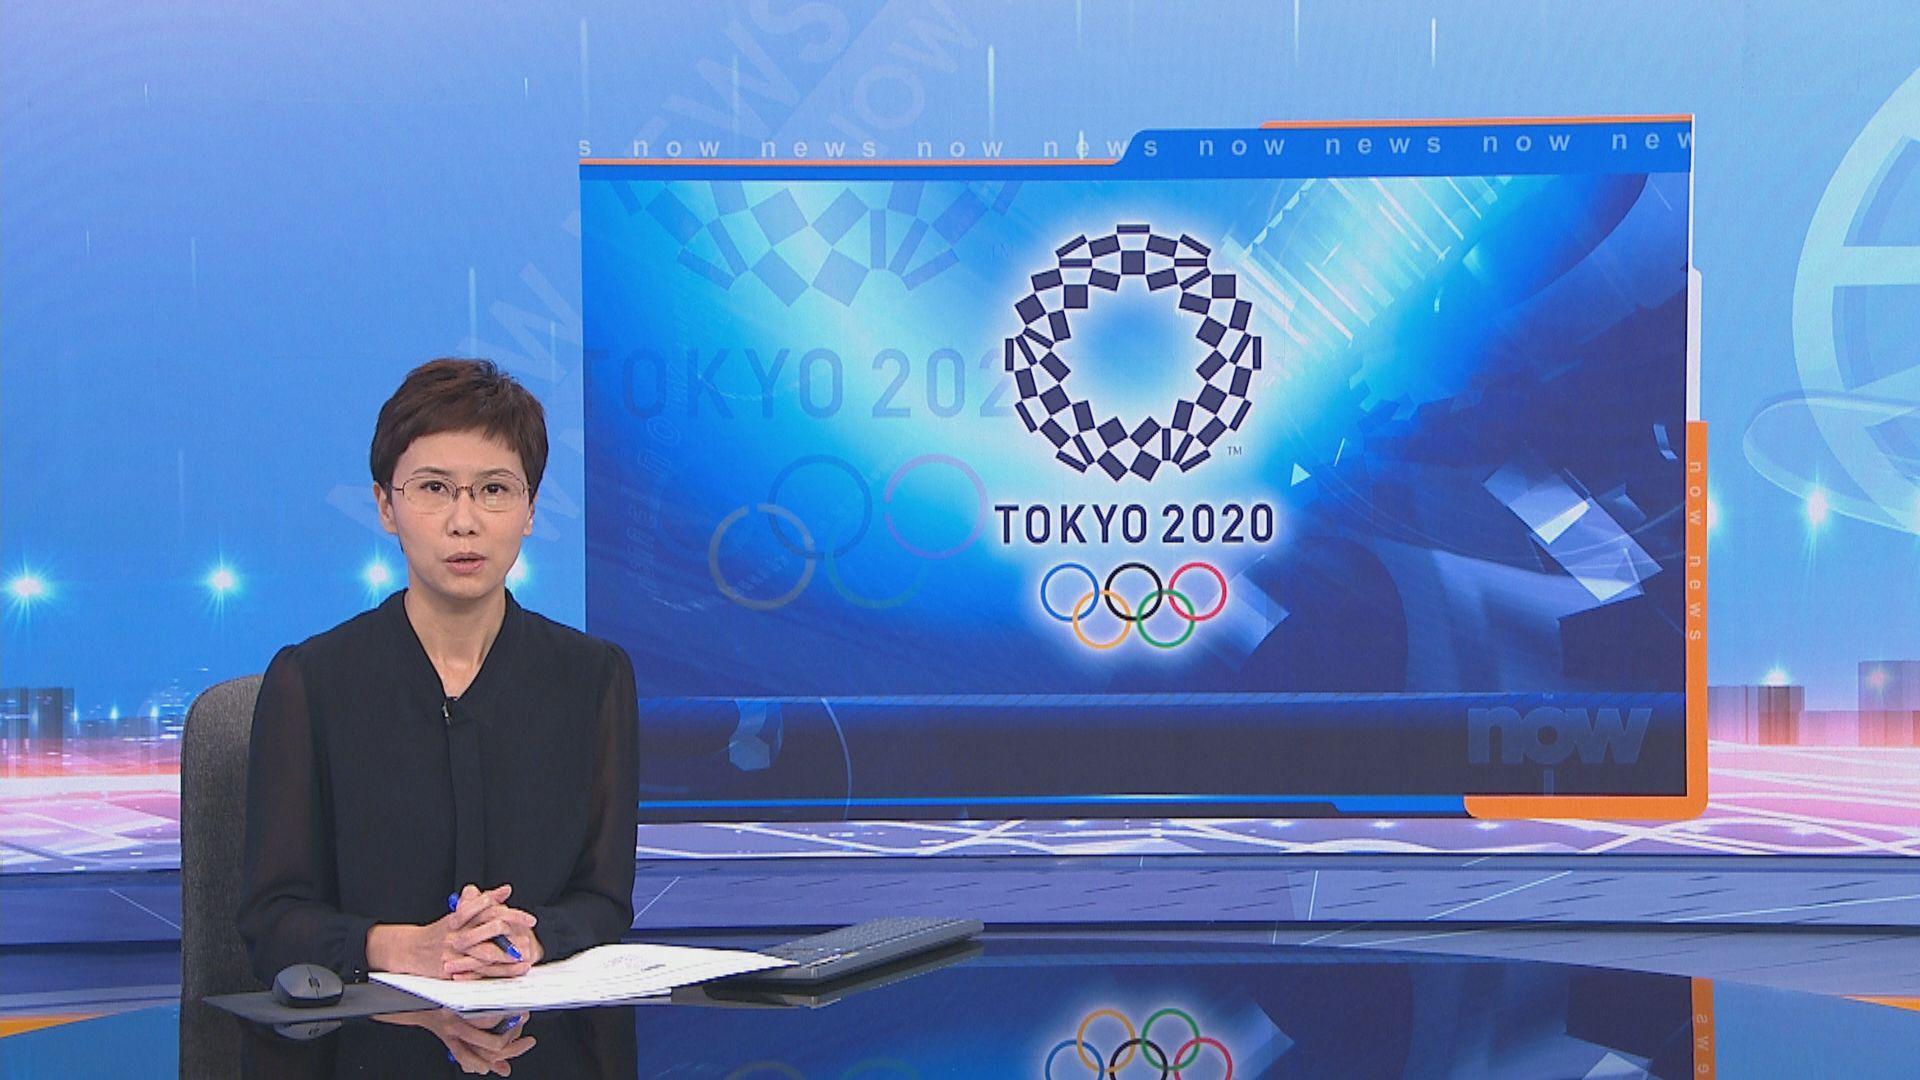 國際奧委會將聽取世衛建議是否舉行奧運